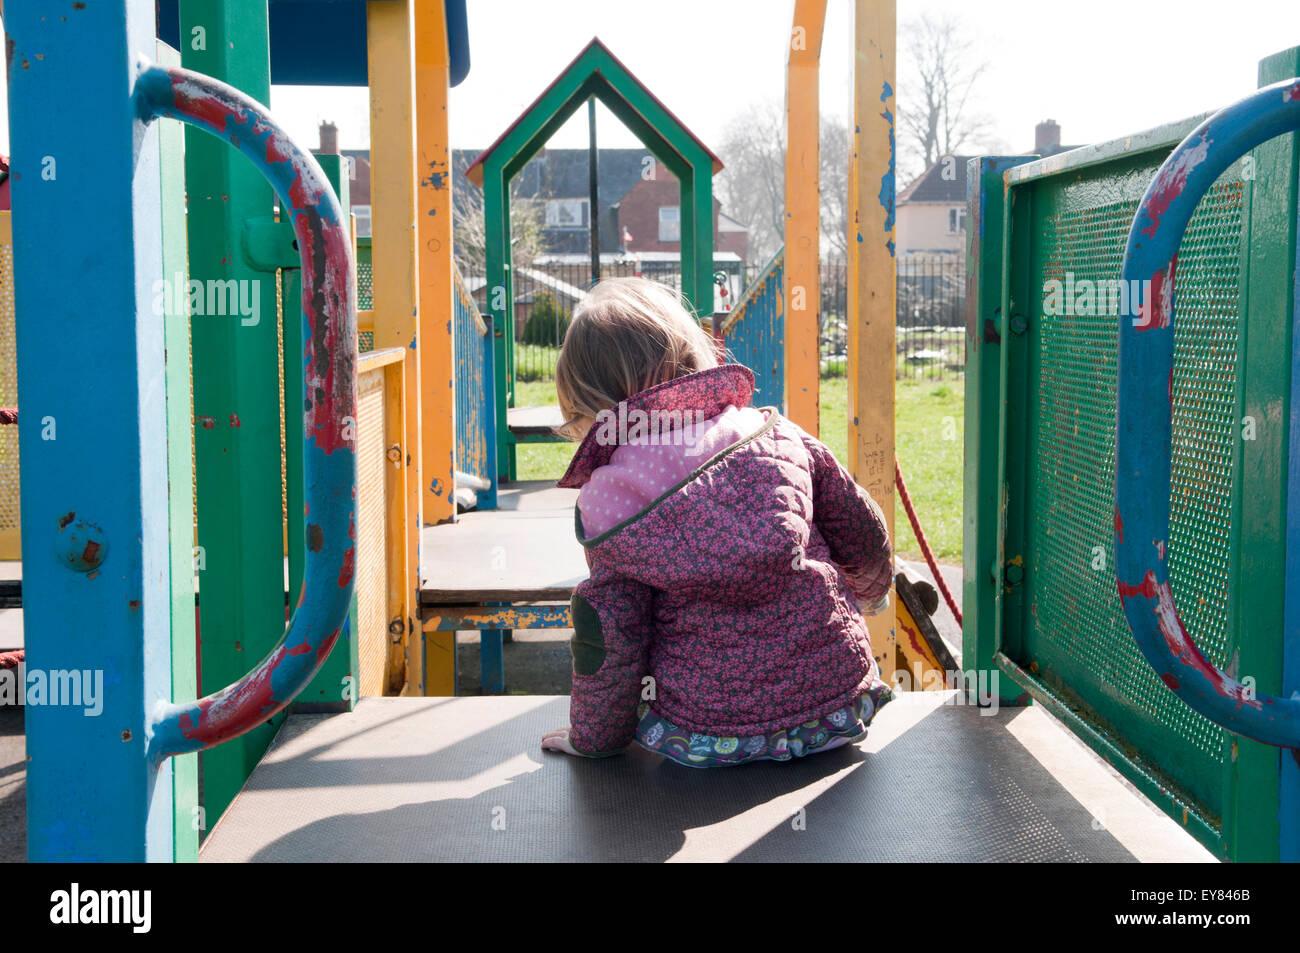 Klettergerüst Ab 2 Jahren : Kleinkind spielt auf einem klettergerüst im park stockfoto bild